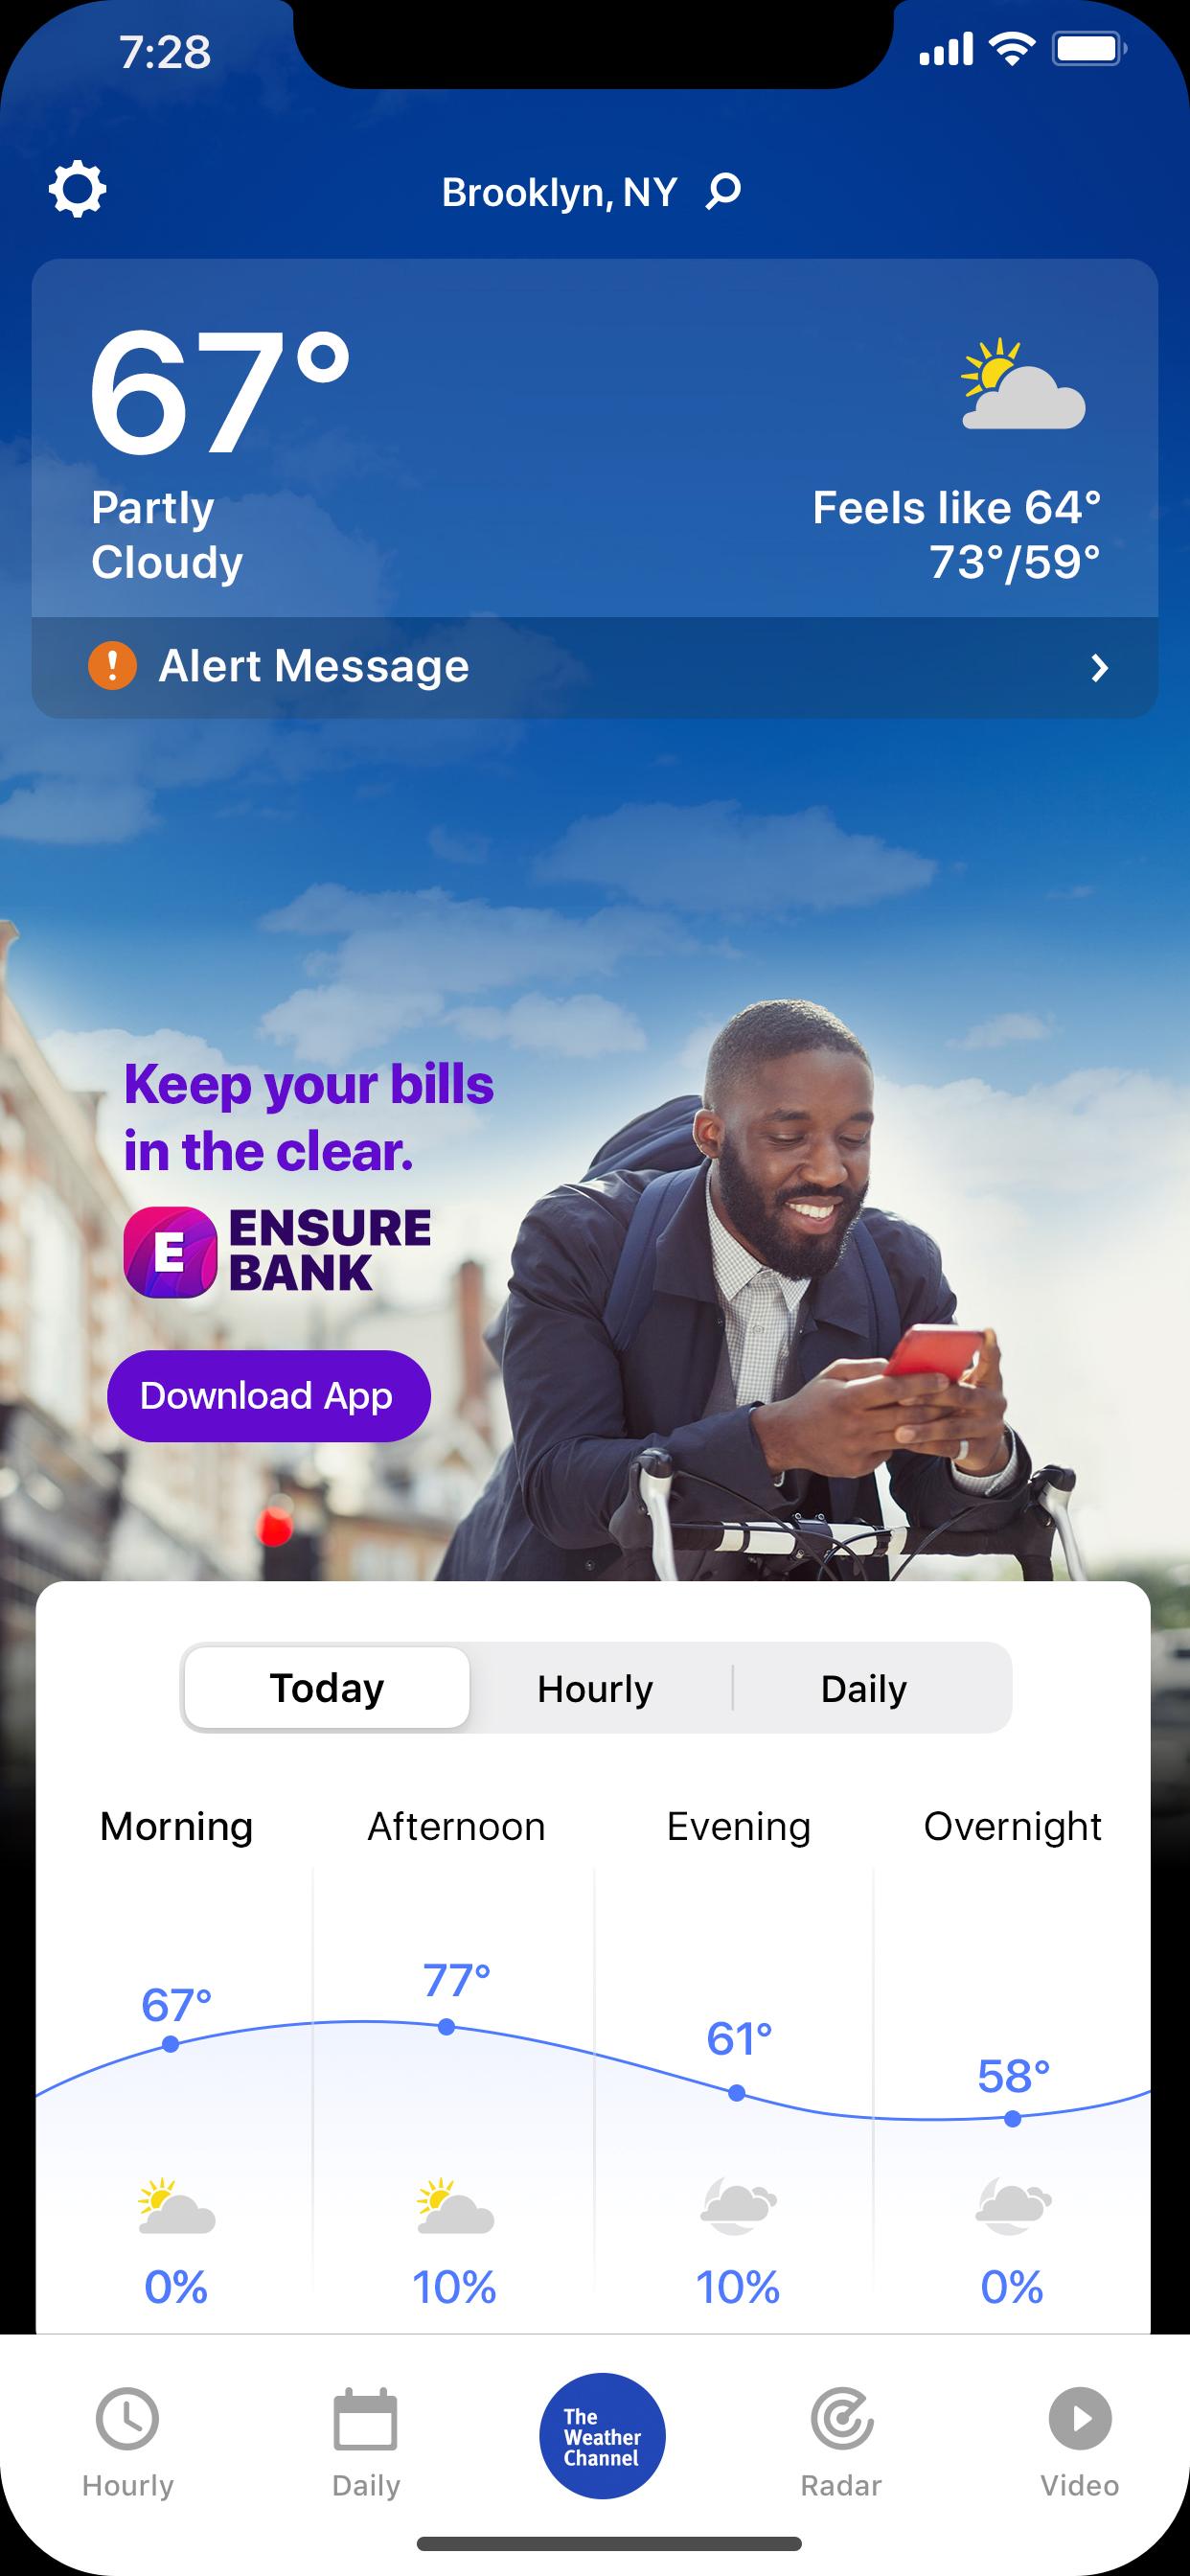 GenericBankApp_Mobile_App-IM_NextGen-Mock__Cloudy Day